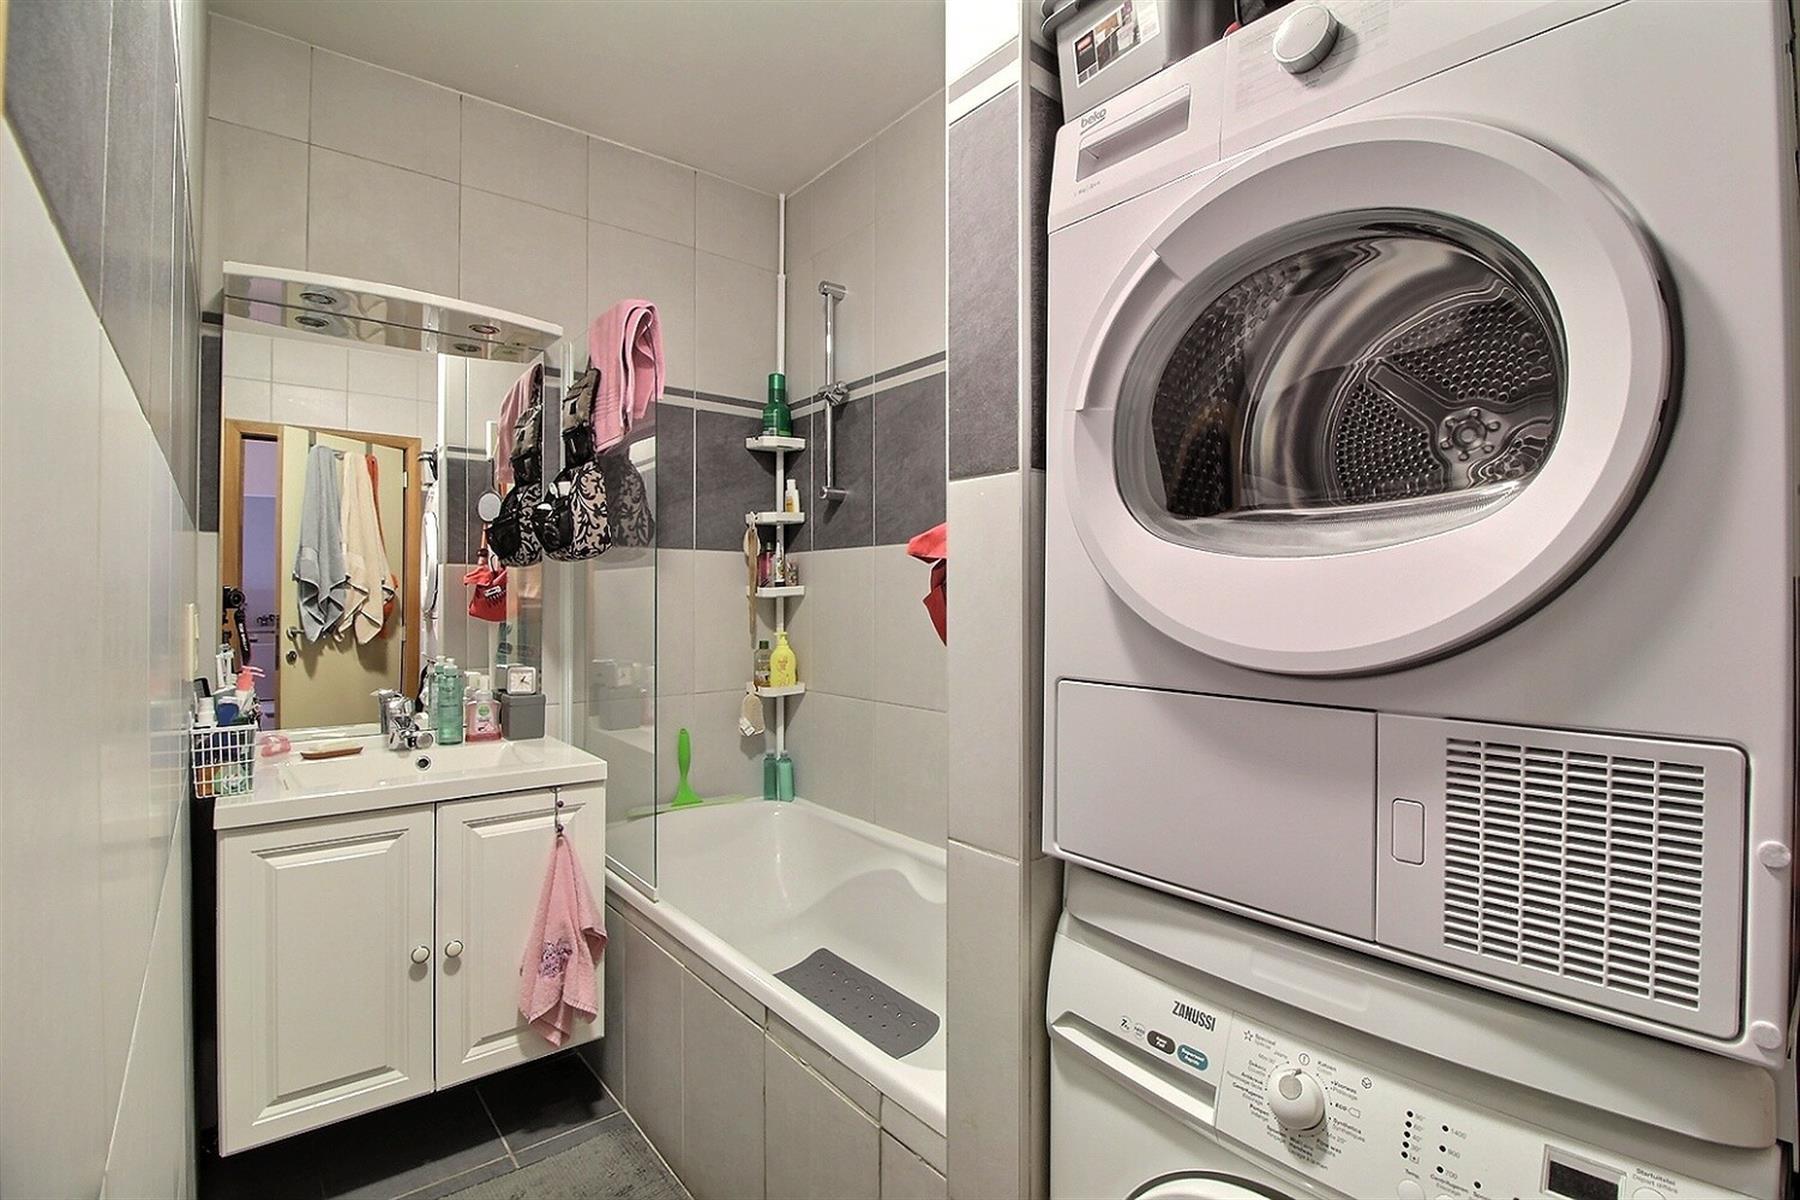 Appartement - Ottignies-Louvain-la-Neuve - #4174683-4